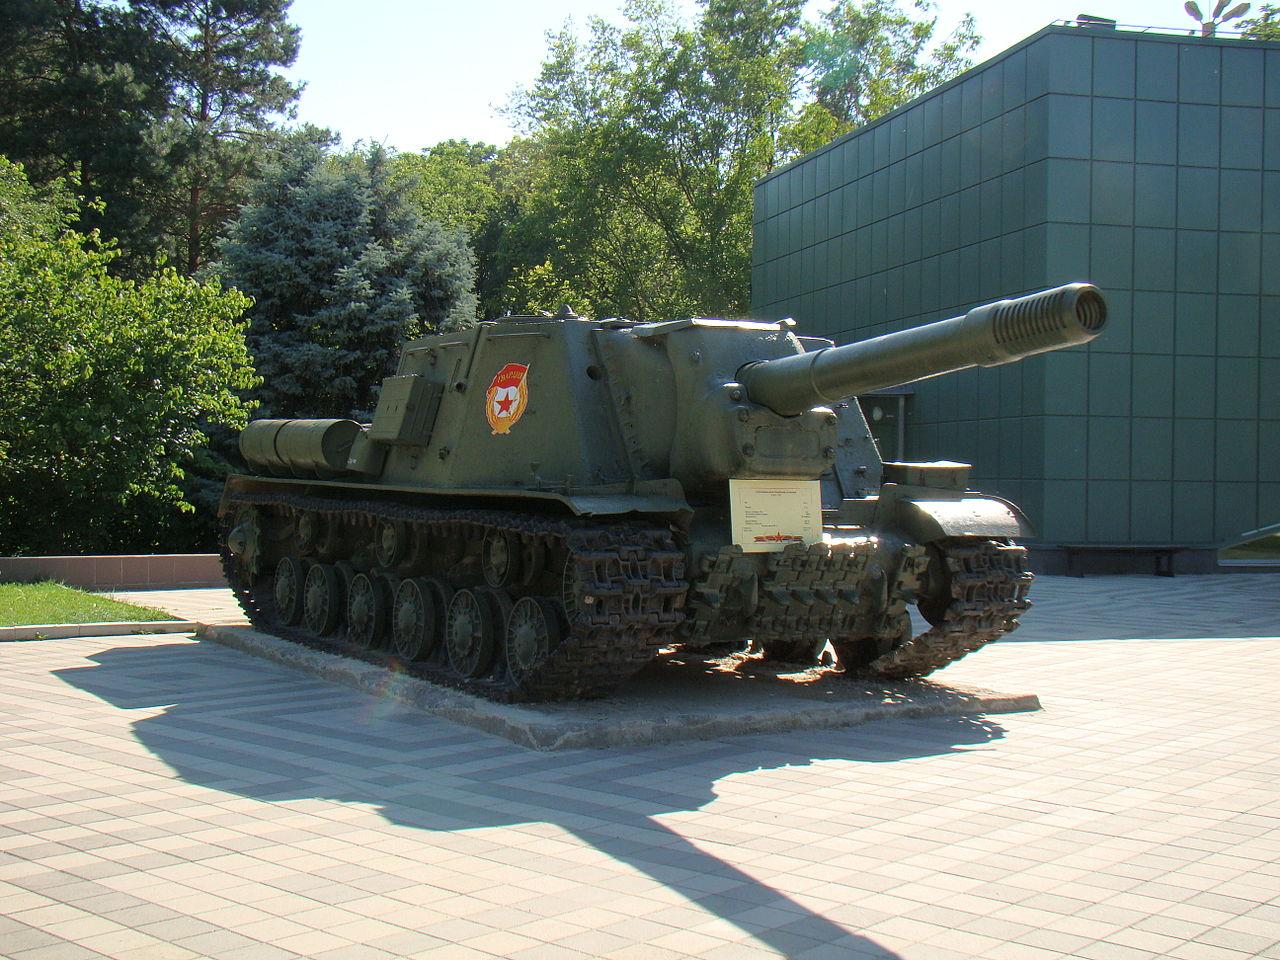 Музей военной техники в парке культуры и отдыха